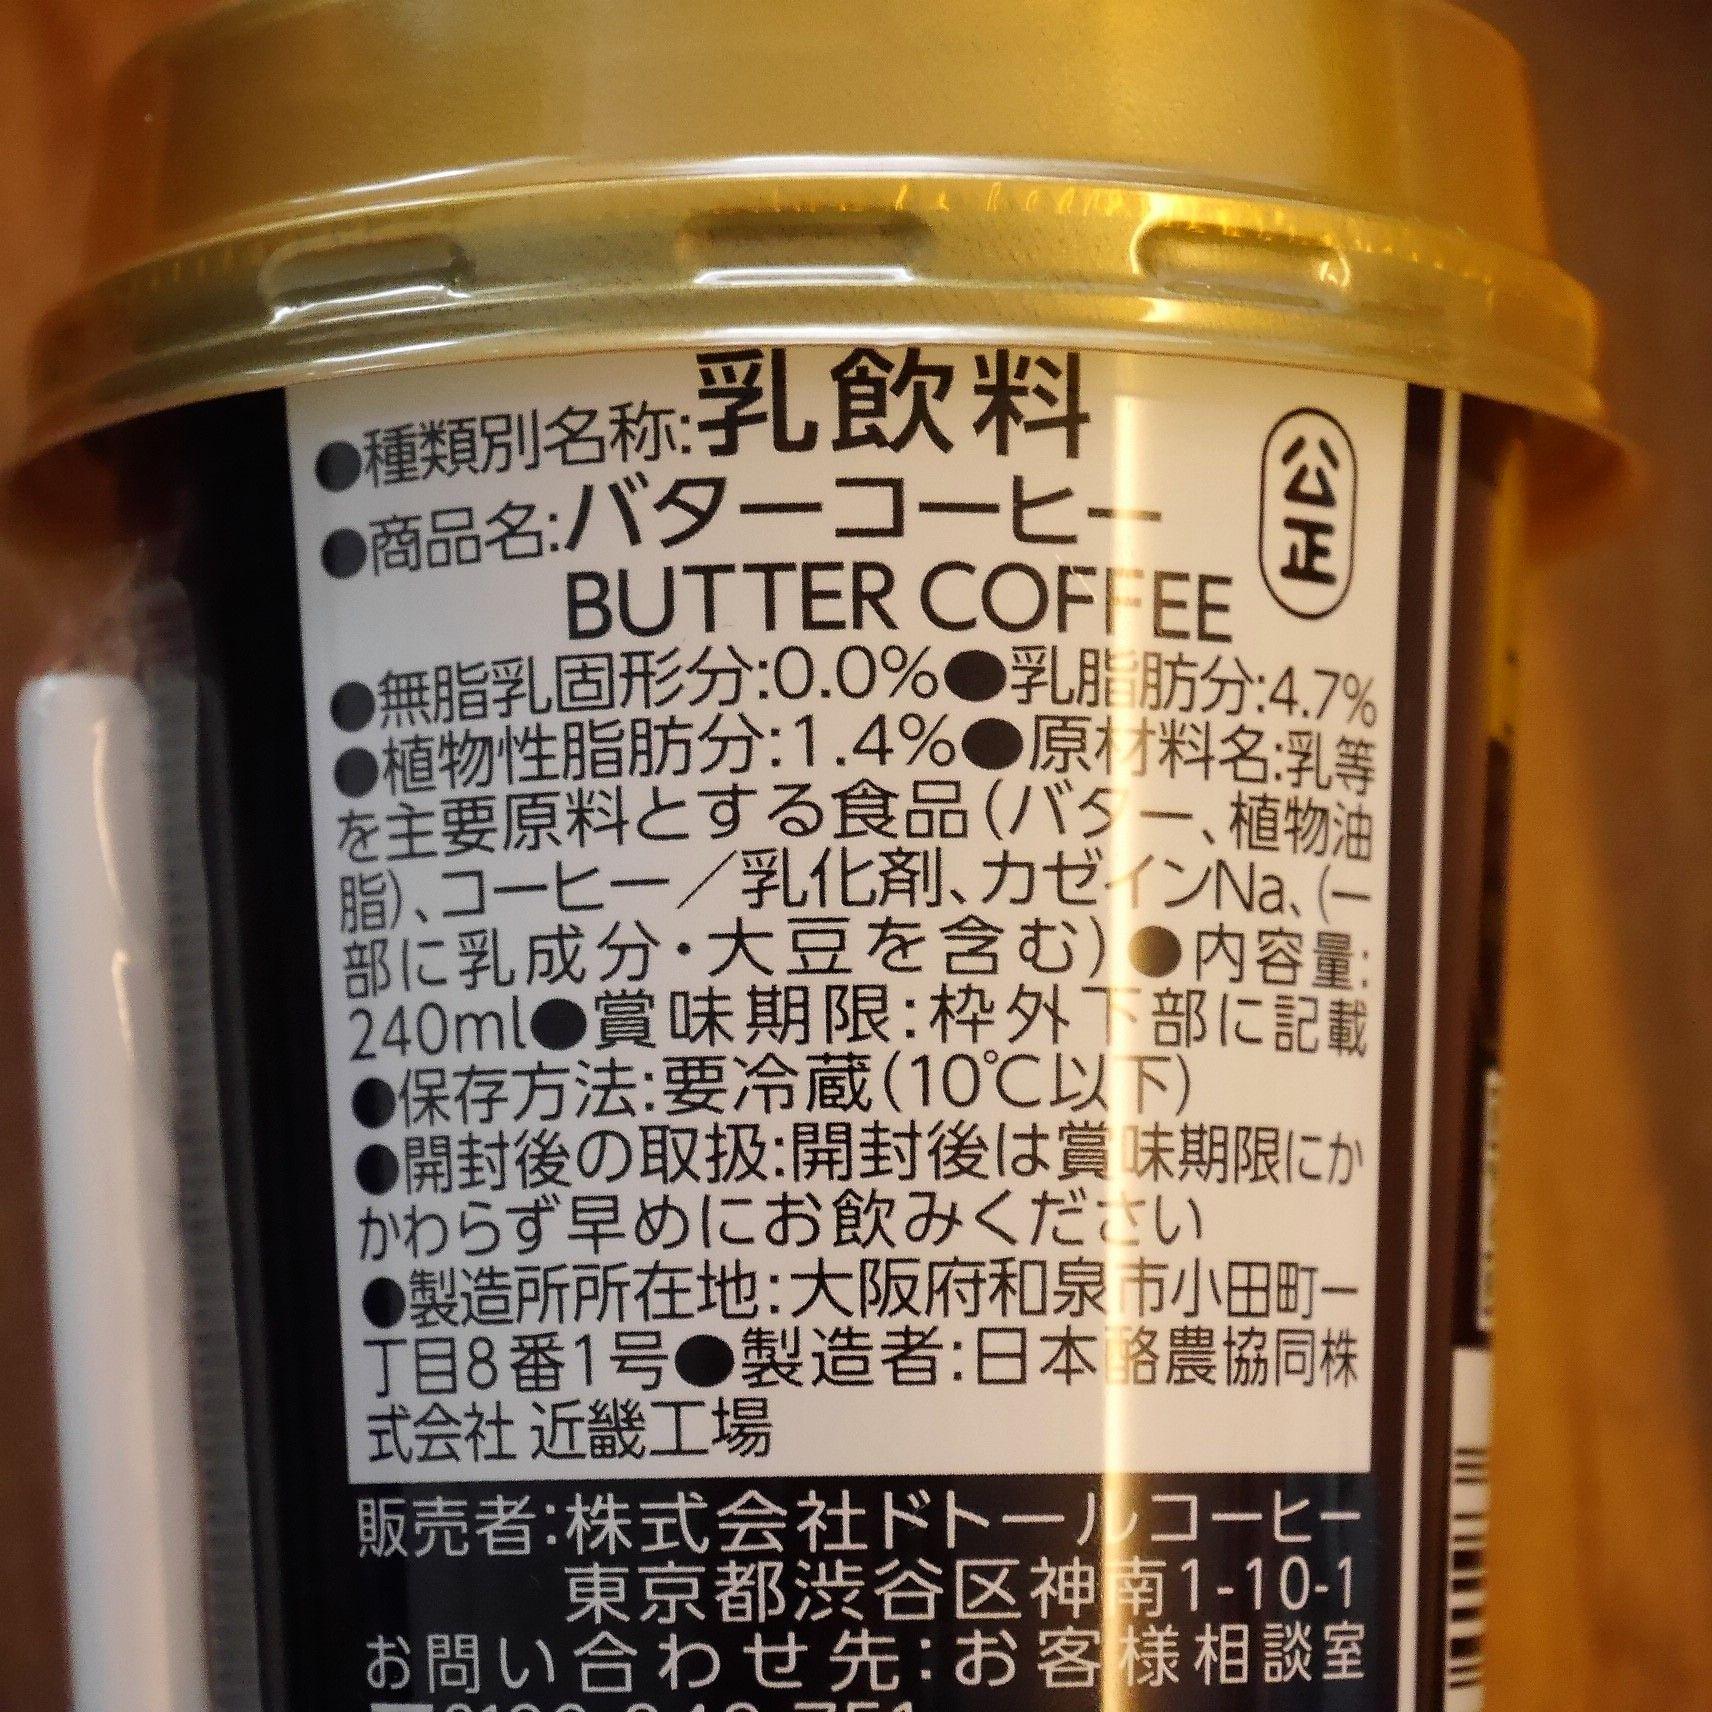 ファミマ_バターコーヒー_原材料